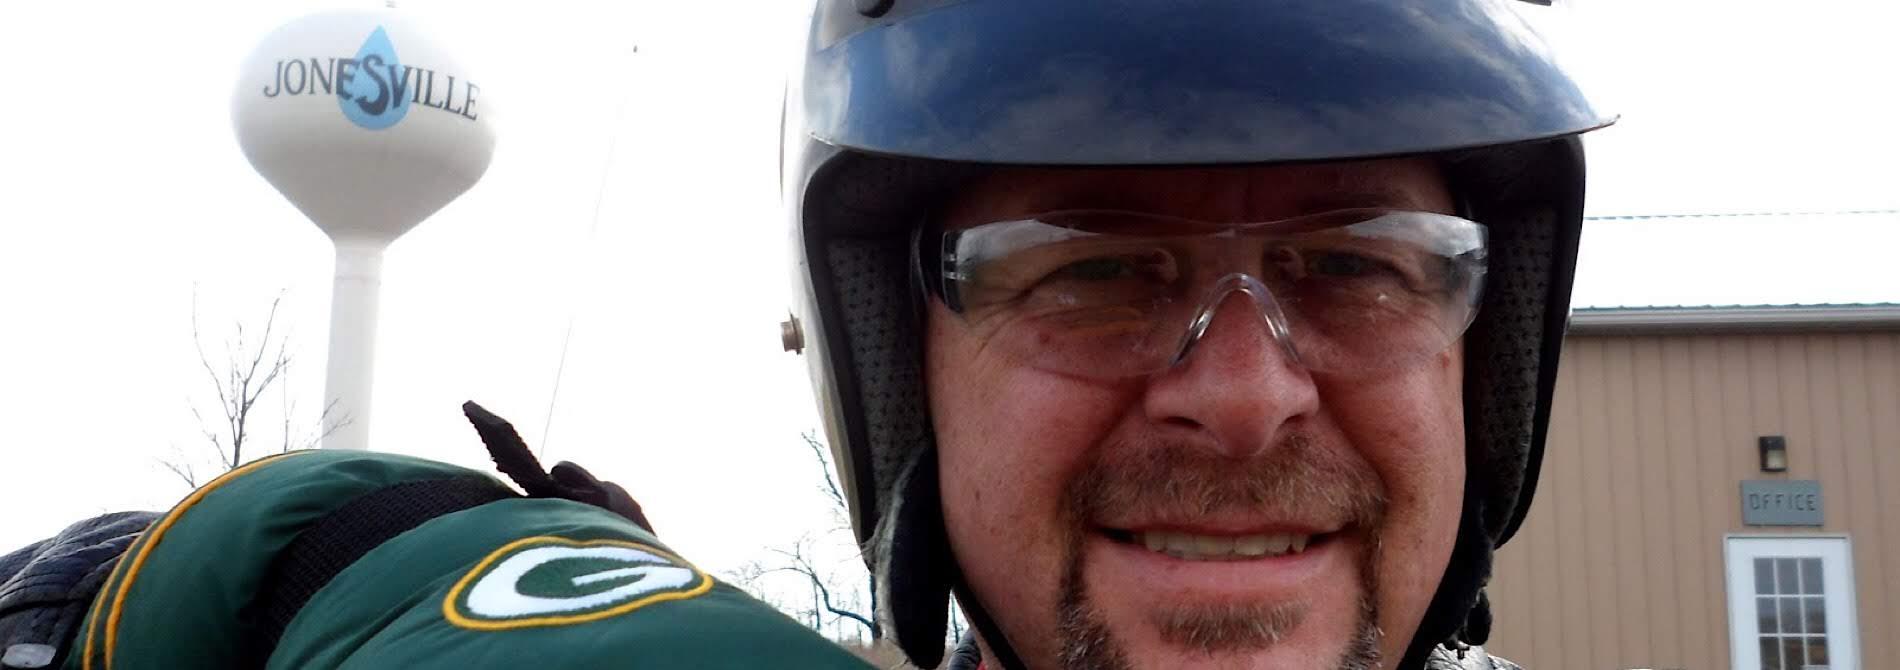 biker wearing helmet and green gloves in front of jonesville water tower